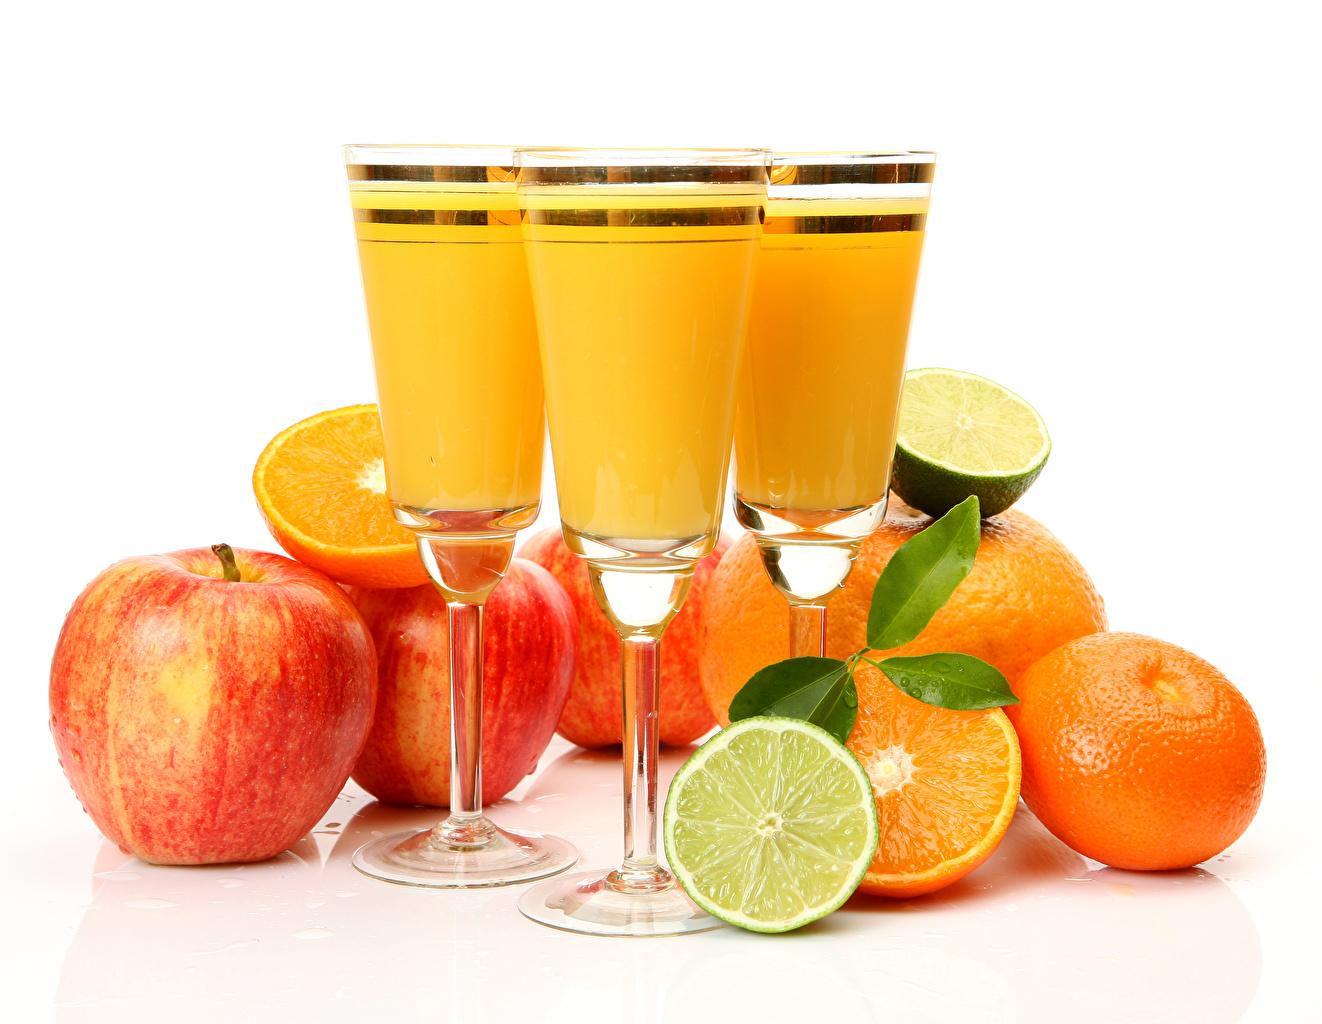 Обои для рабочего стола Сок Мандарины Лимоны Яблоки Еда Бокалы белым фоном напиток Пища бокал Продукты питания Белый фон белом фоне Напитки